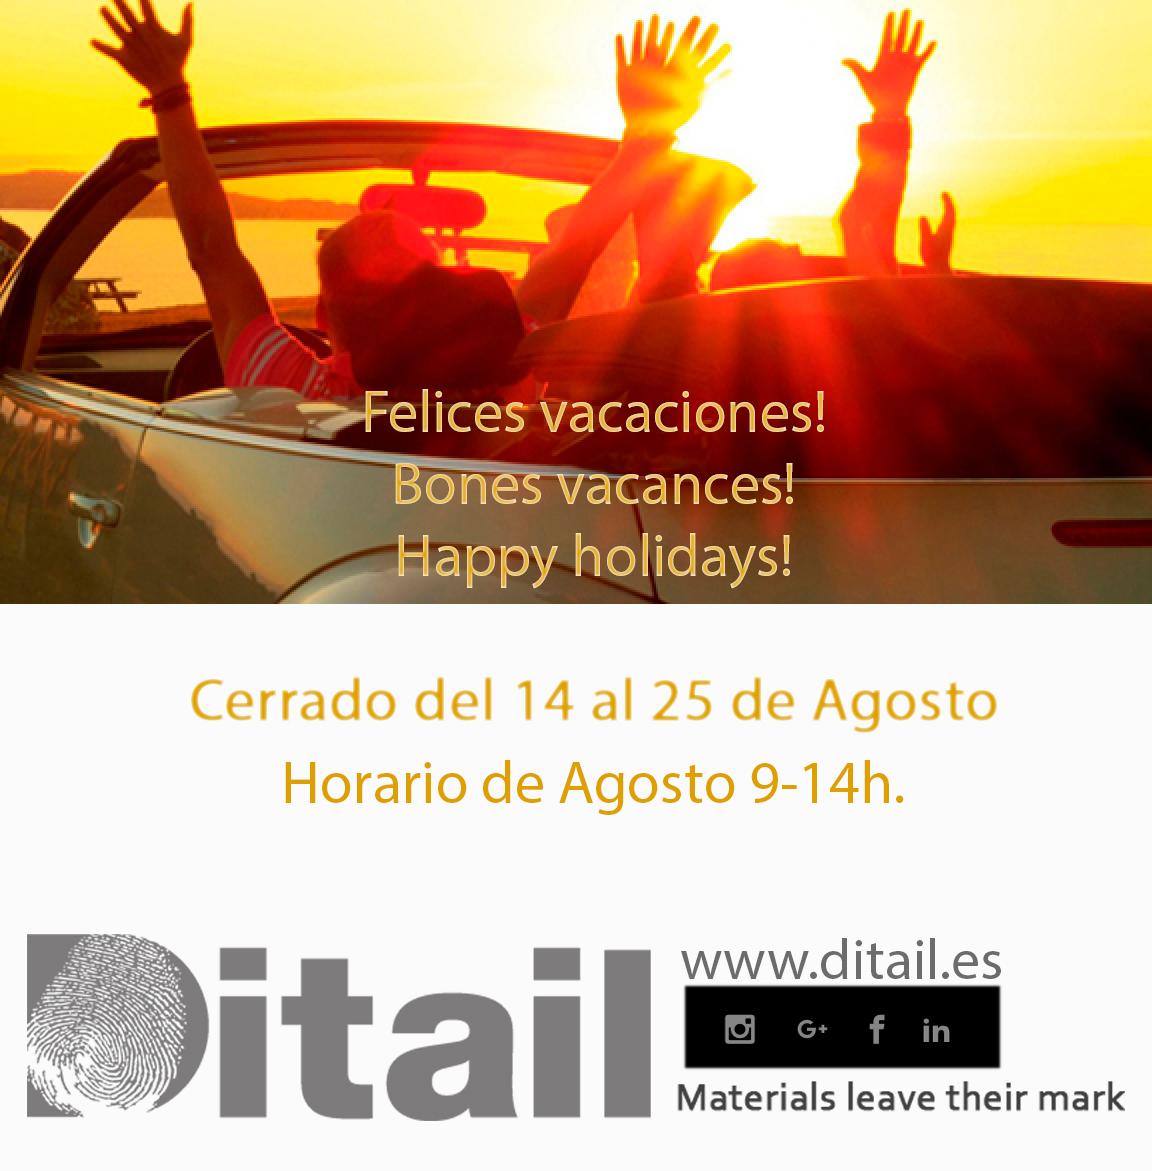 ditail-soluciones-vacaciones-verano-2017